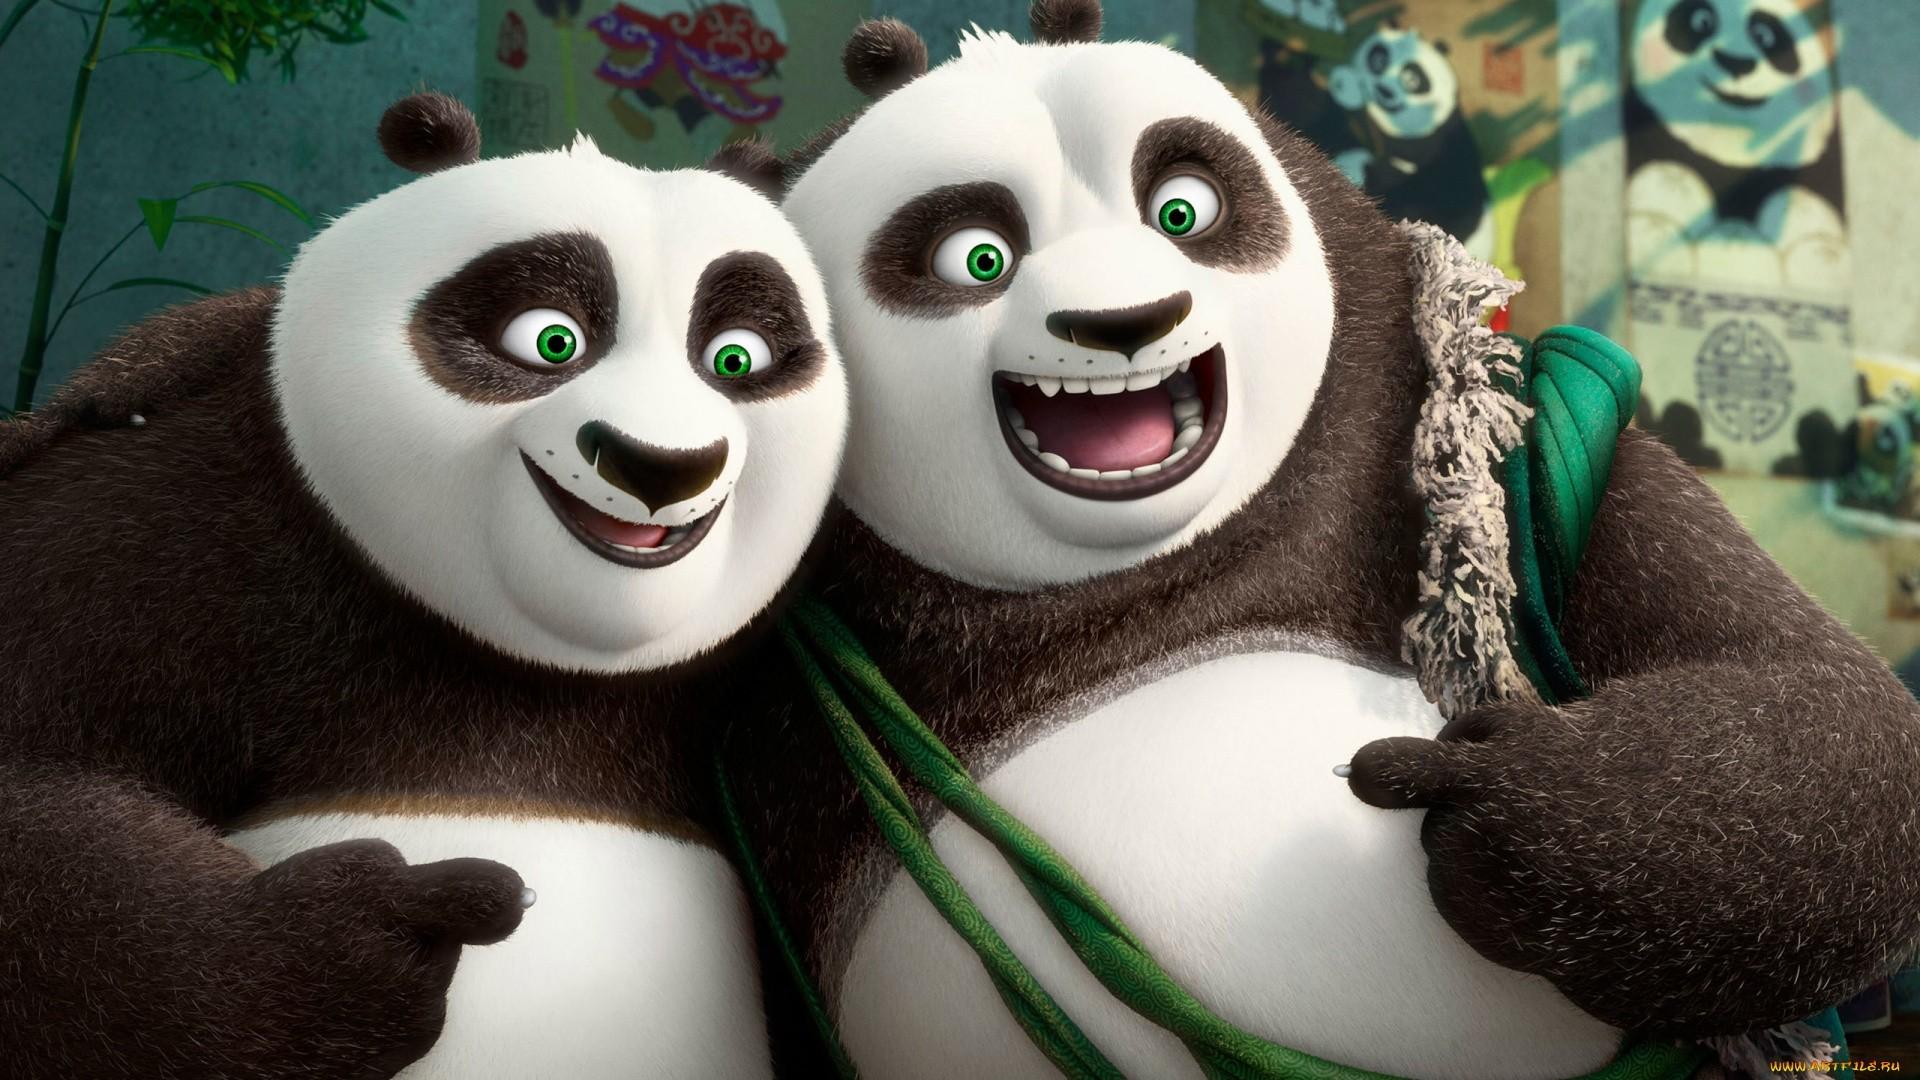 Kung Fu Panda Free Download Wallpaper